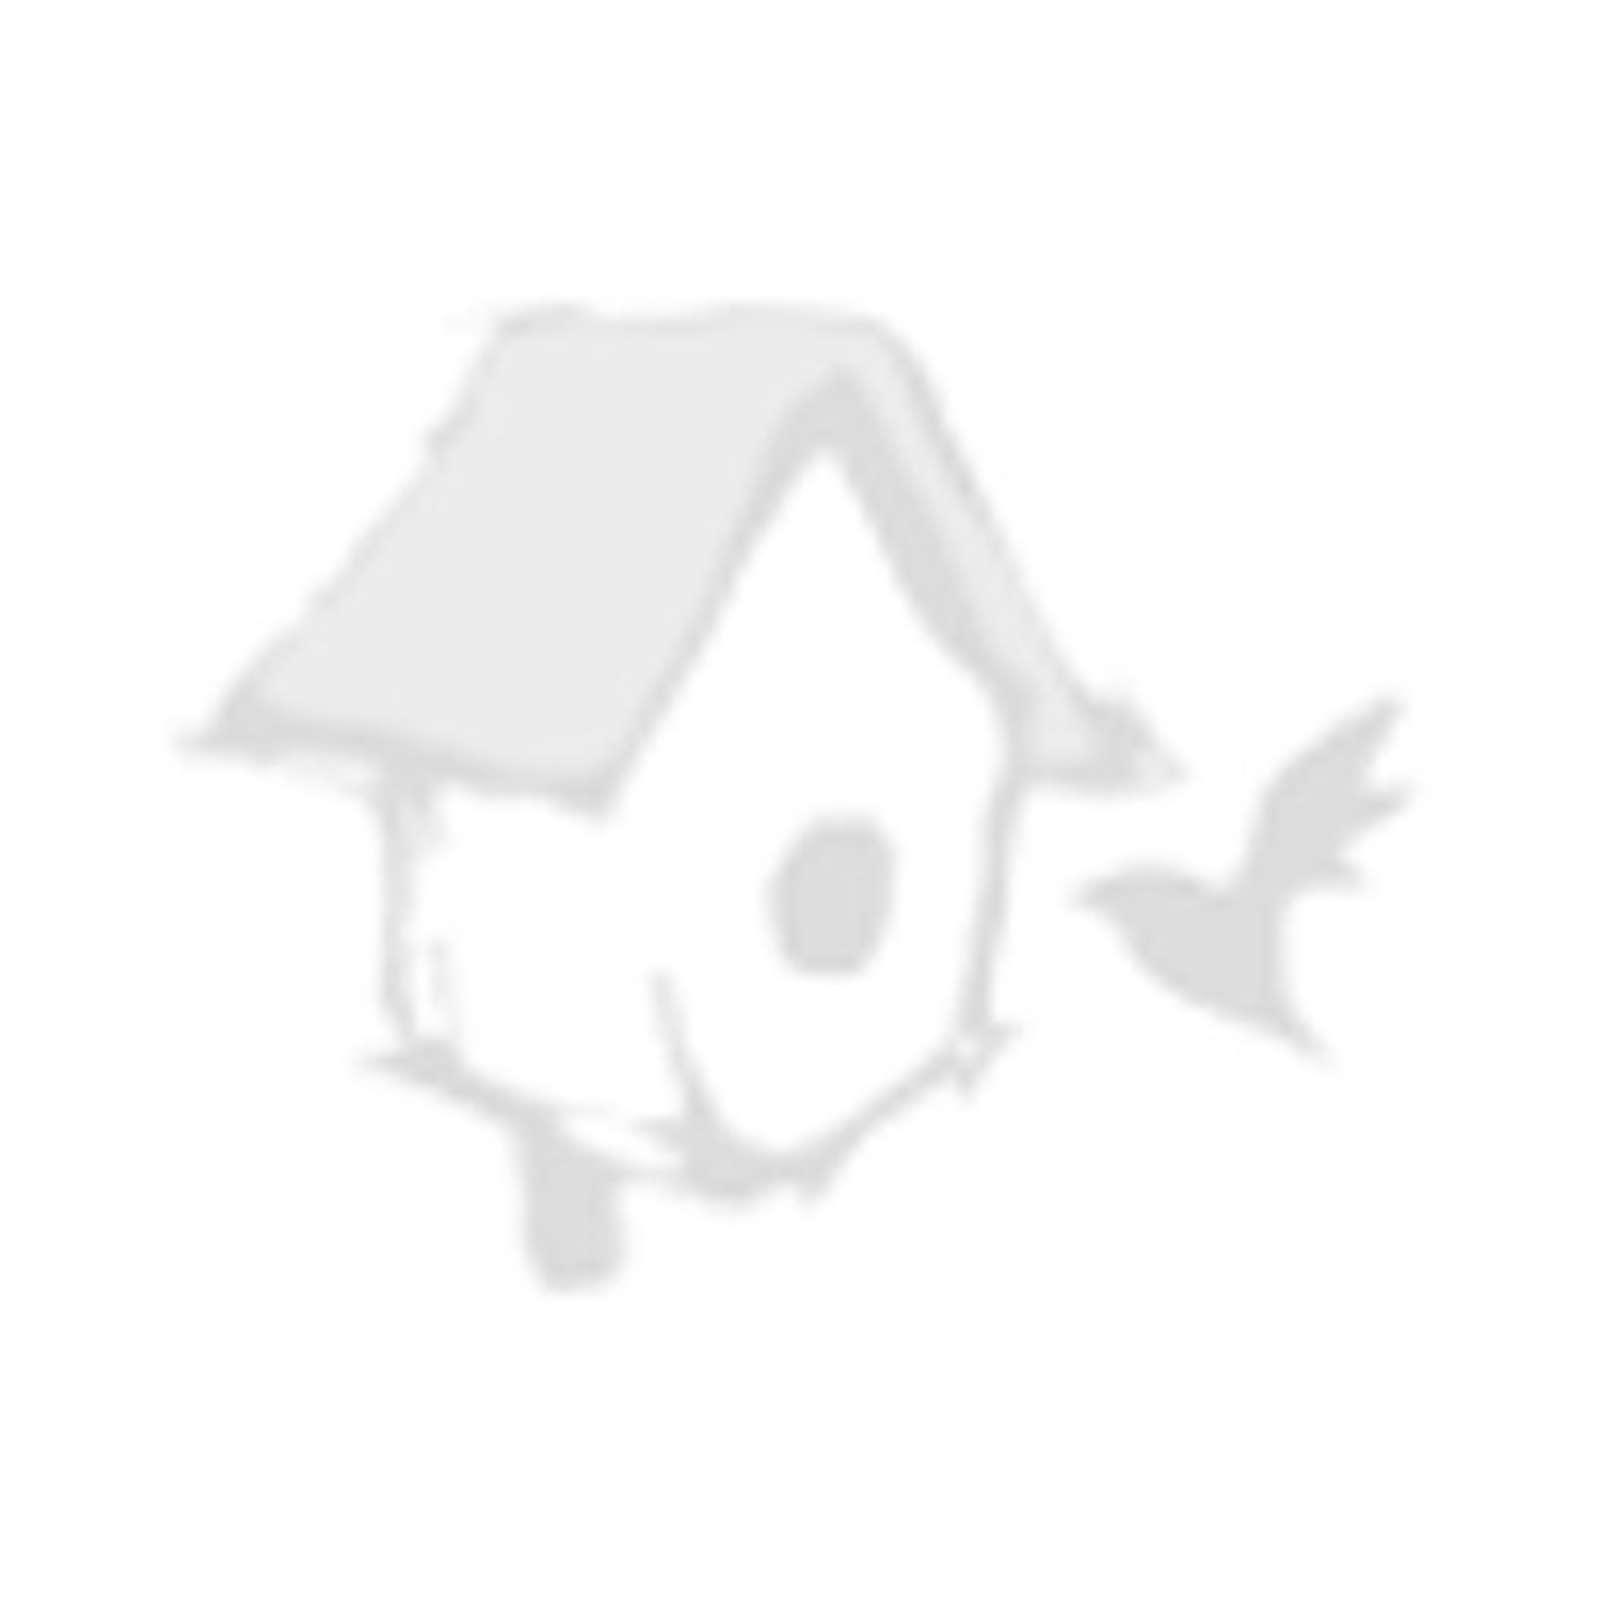 Дверной наличник Синержи, Ясень белый, 2200*80*8мм